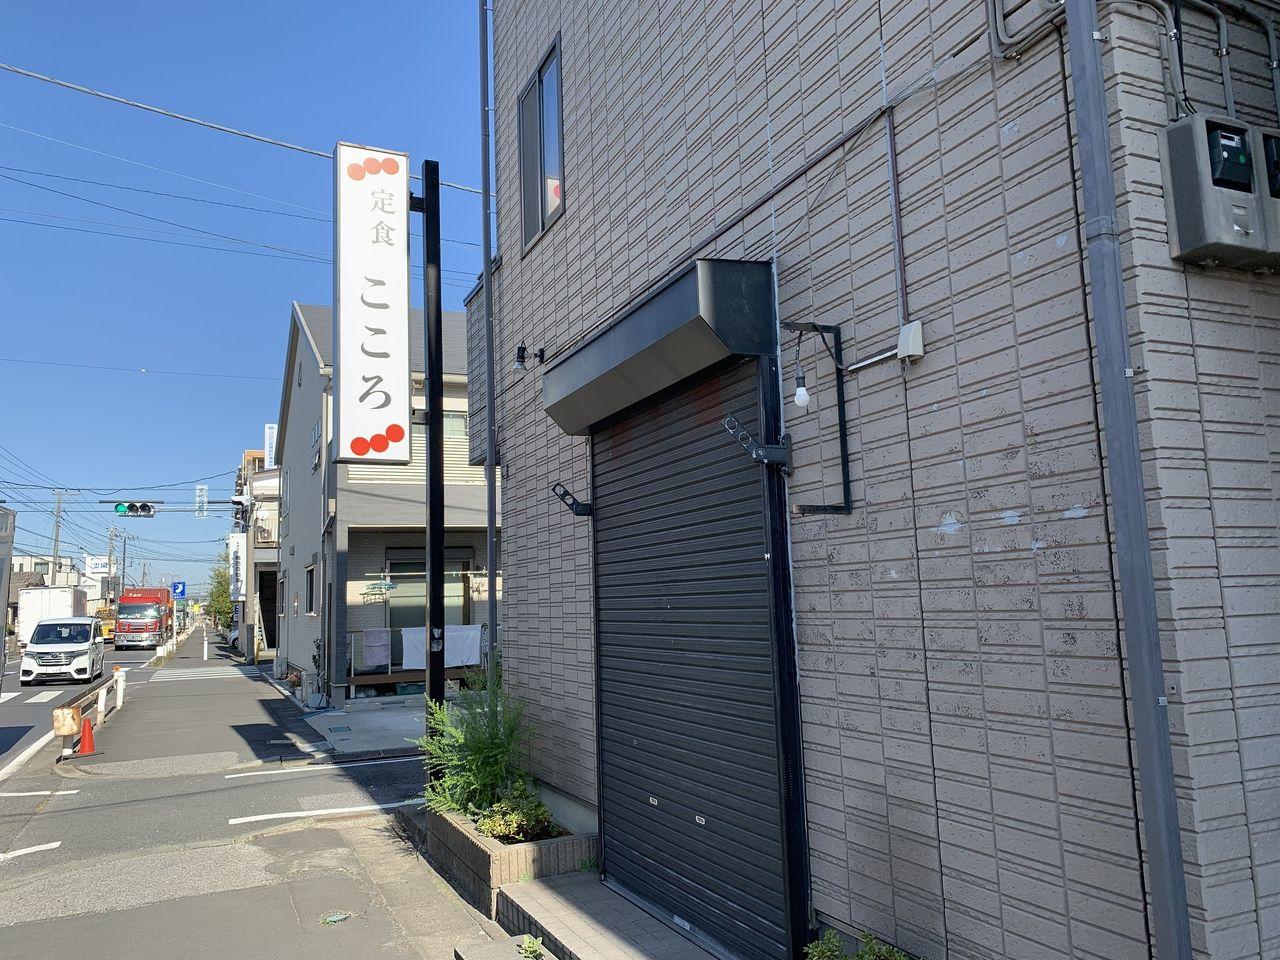 【三郷市食べ歩きブログ】つけめんさなだの跡地に定食屋の看板が!!